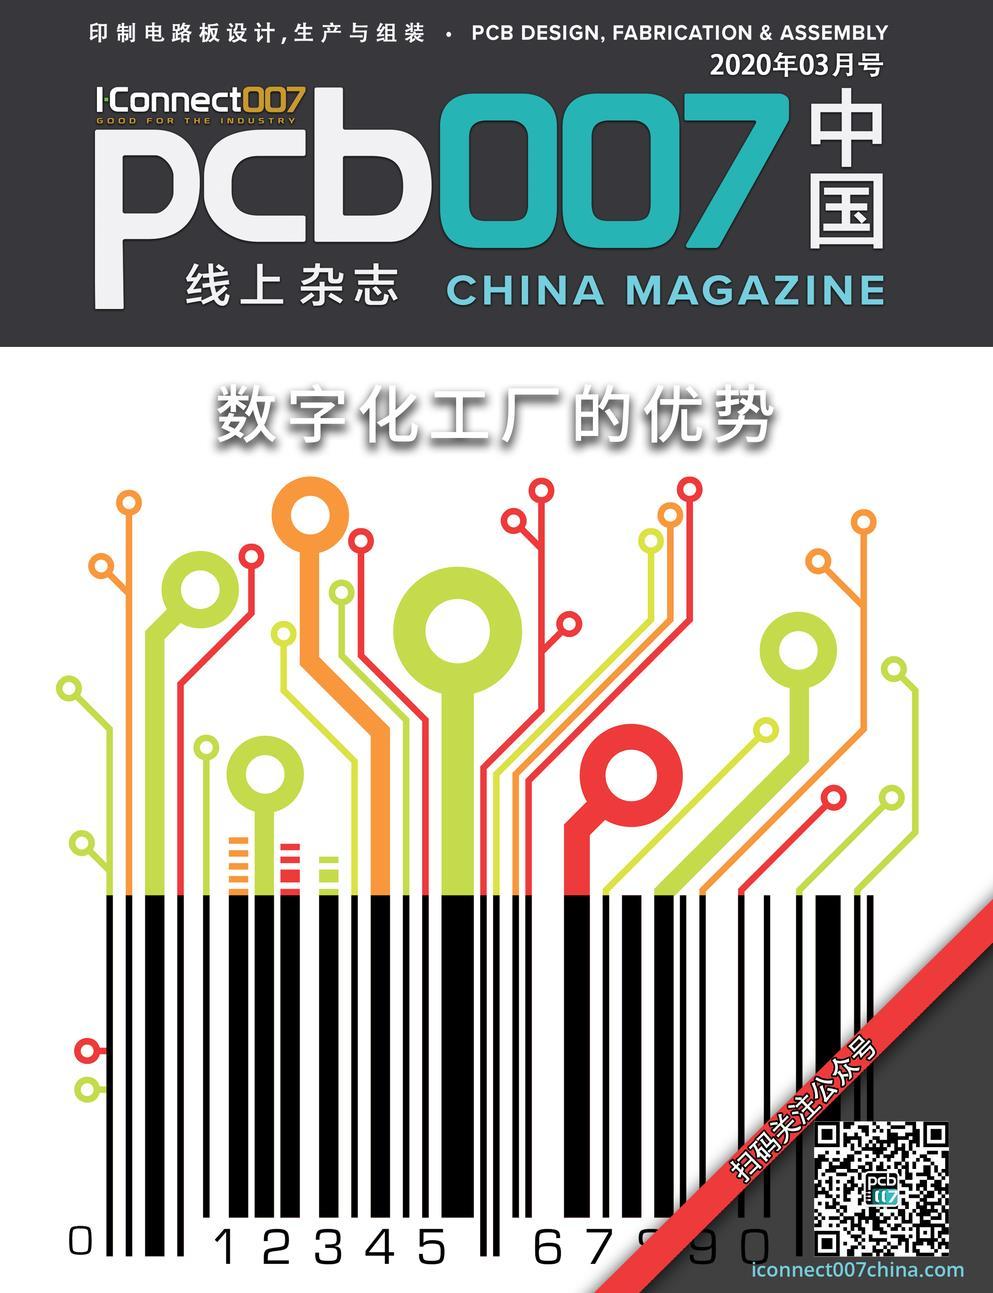 数字化工厂优势显现 | 《PCB007中国线上杂志》2020年4月号